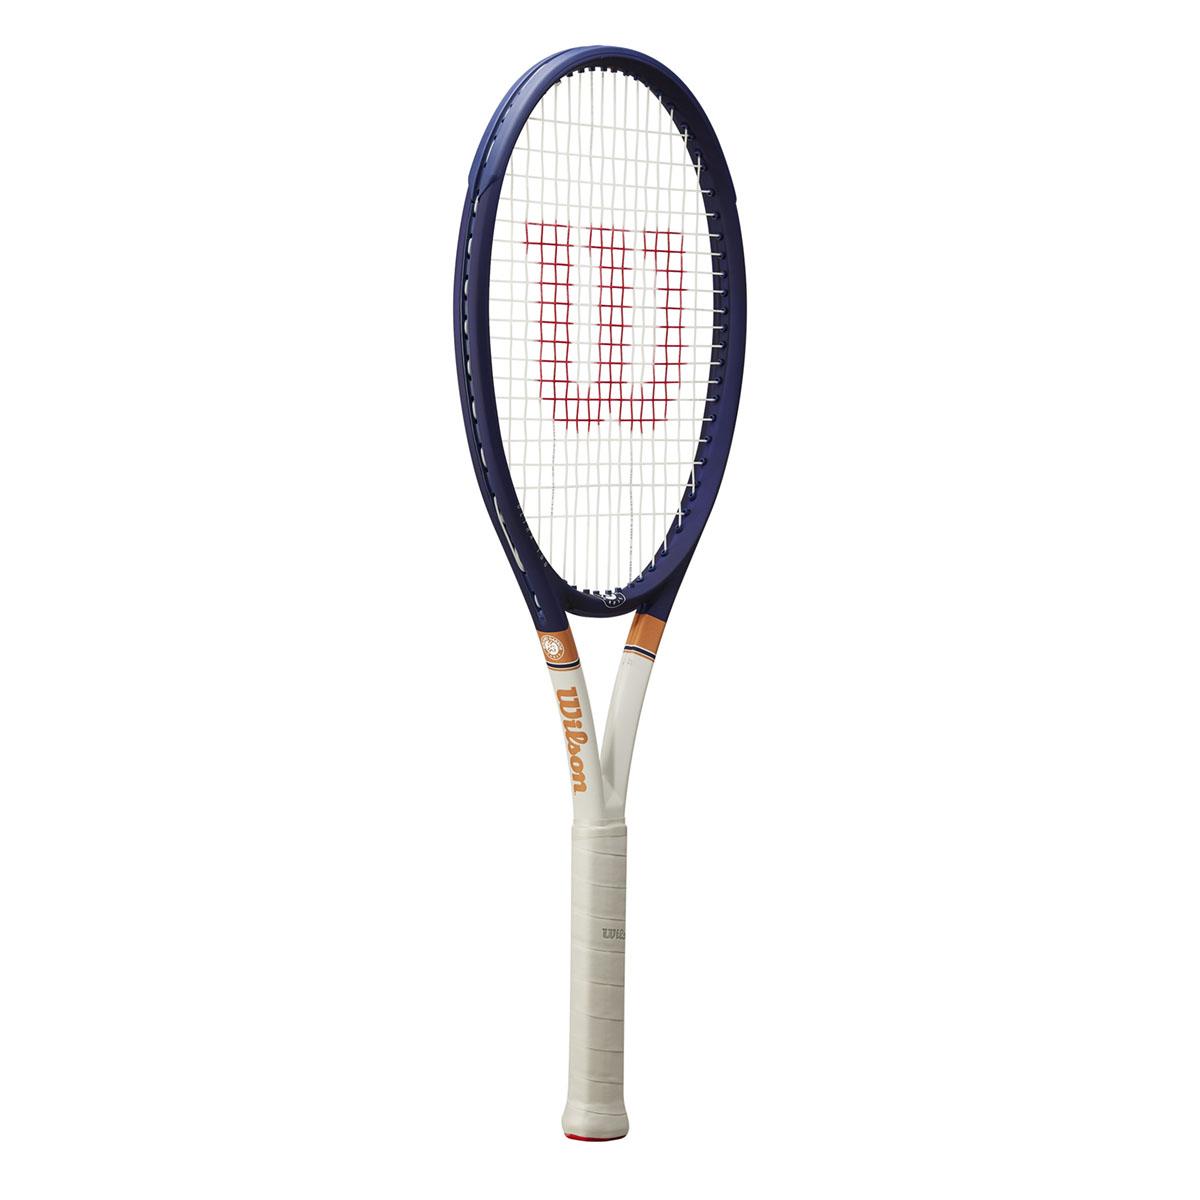 WR068411U_1_Ultra_100_Roland_Garros_NY_OR_GY.png.cq5dam.web.2000.2000